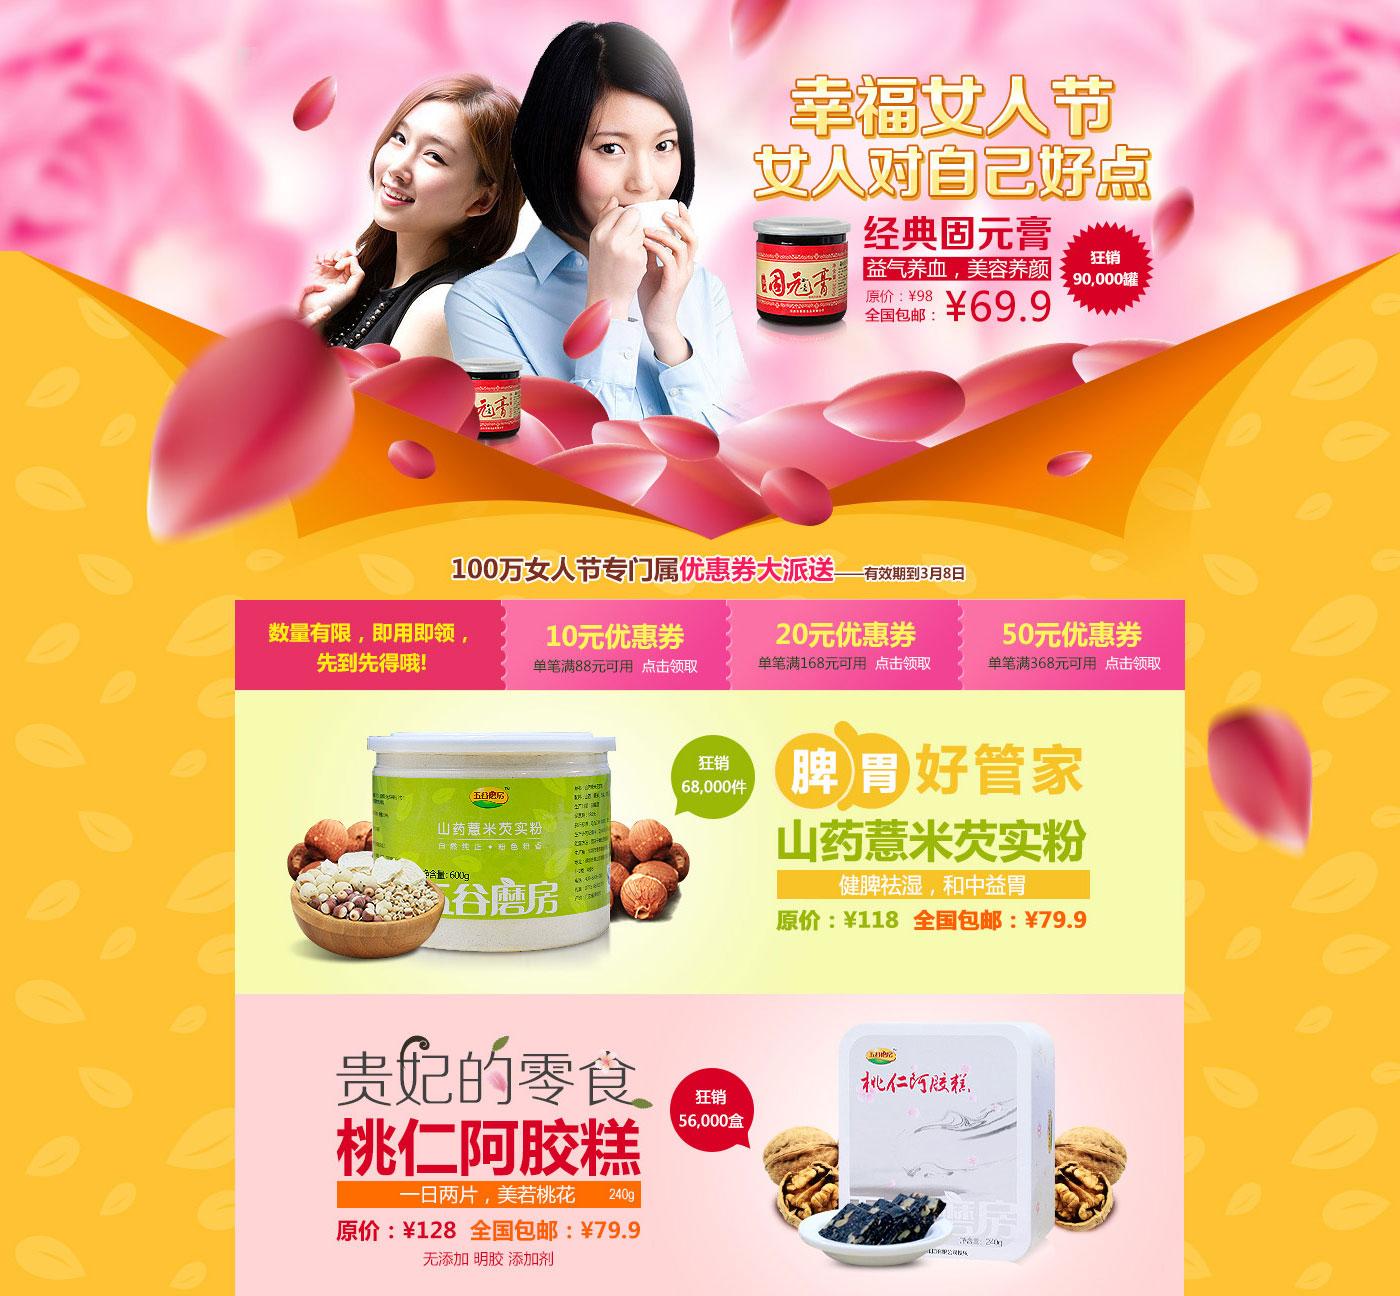 活动专题网页设计 五谷磨房官方商城三八妇女节活动专题